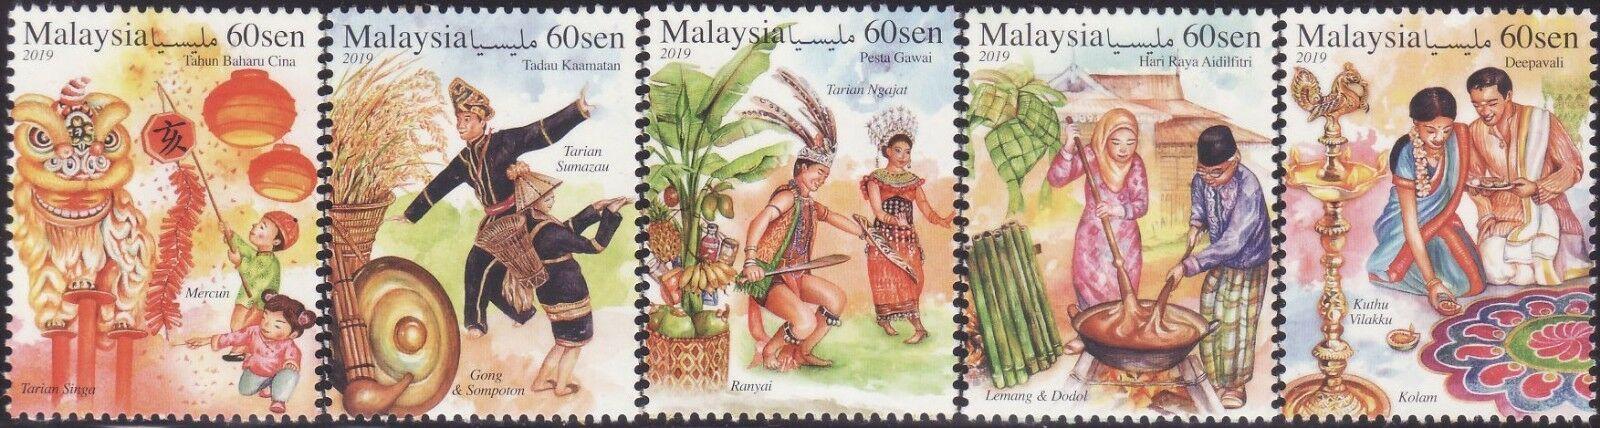 Malaysia - Malaysian Festivals (January 15, 2019)